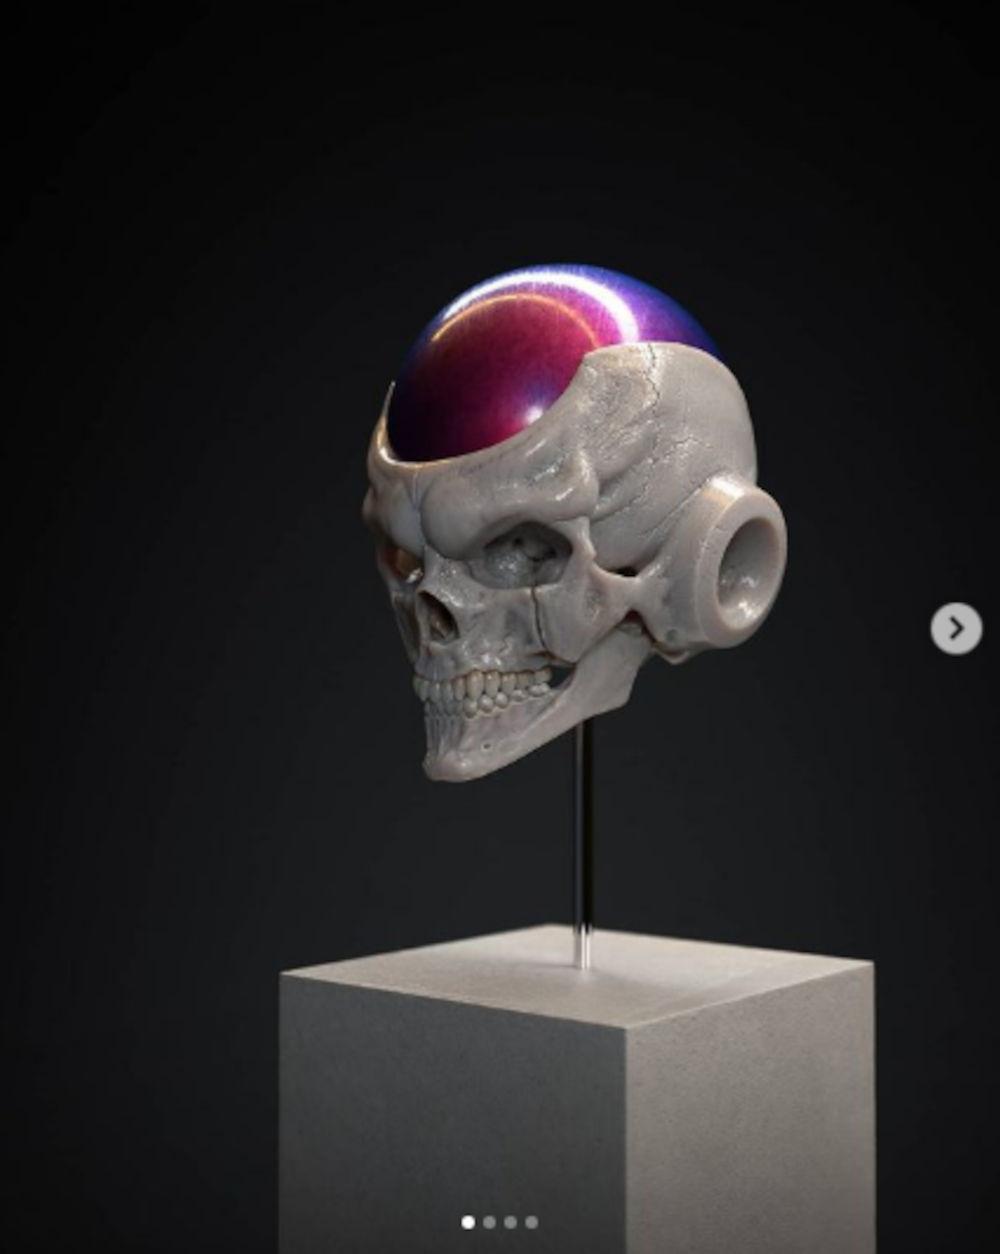 Así imaginan los cráneos de villanos de Dragon Ball Z